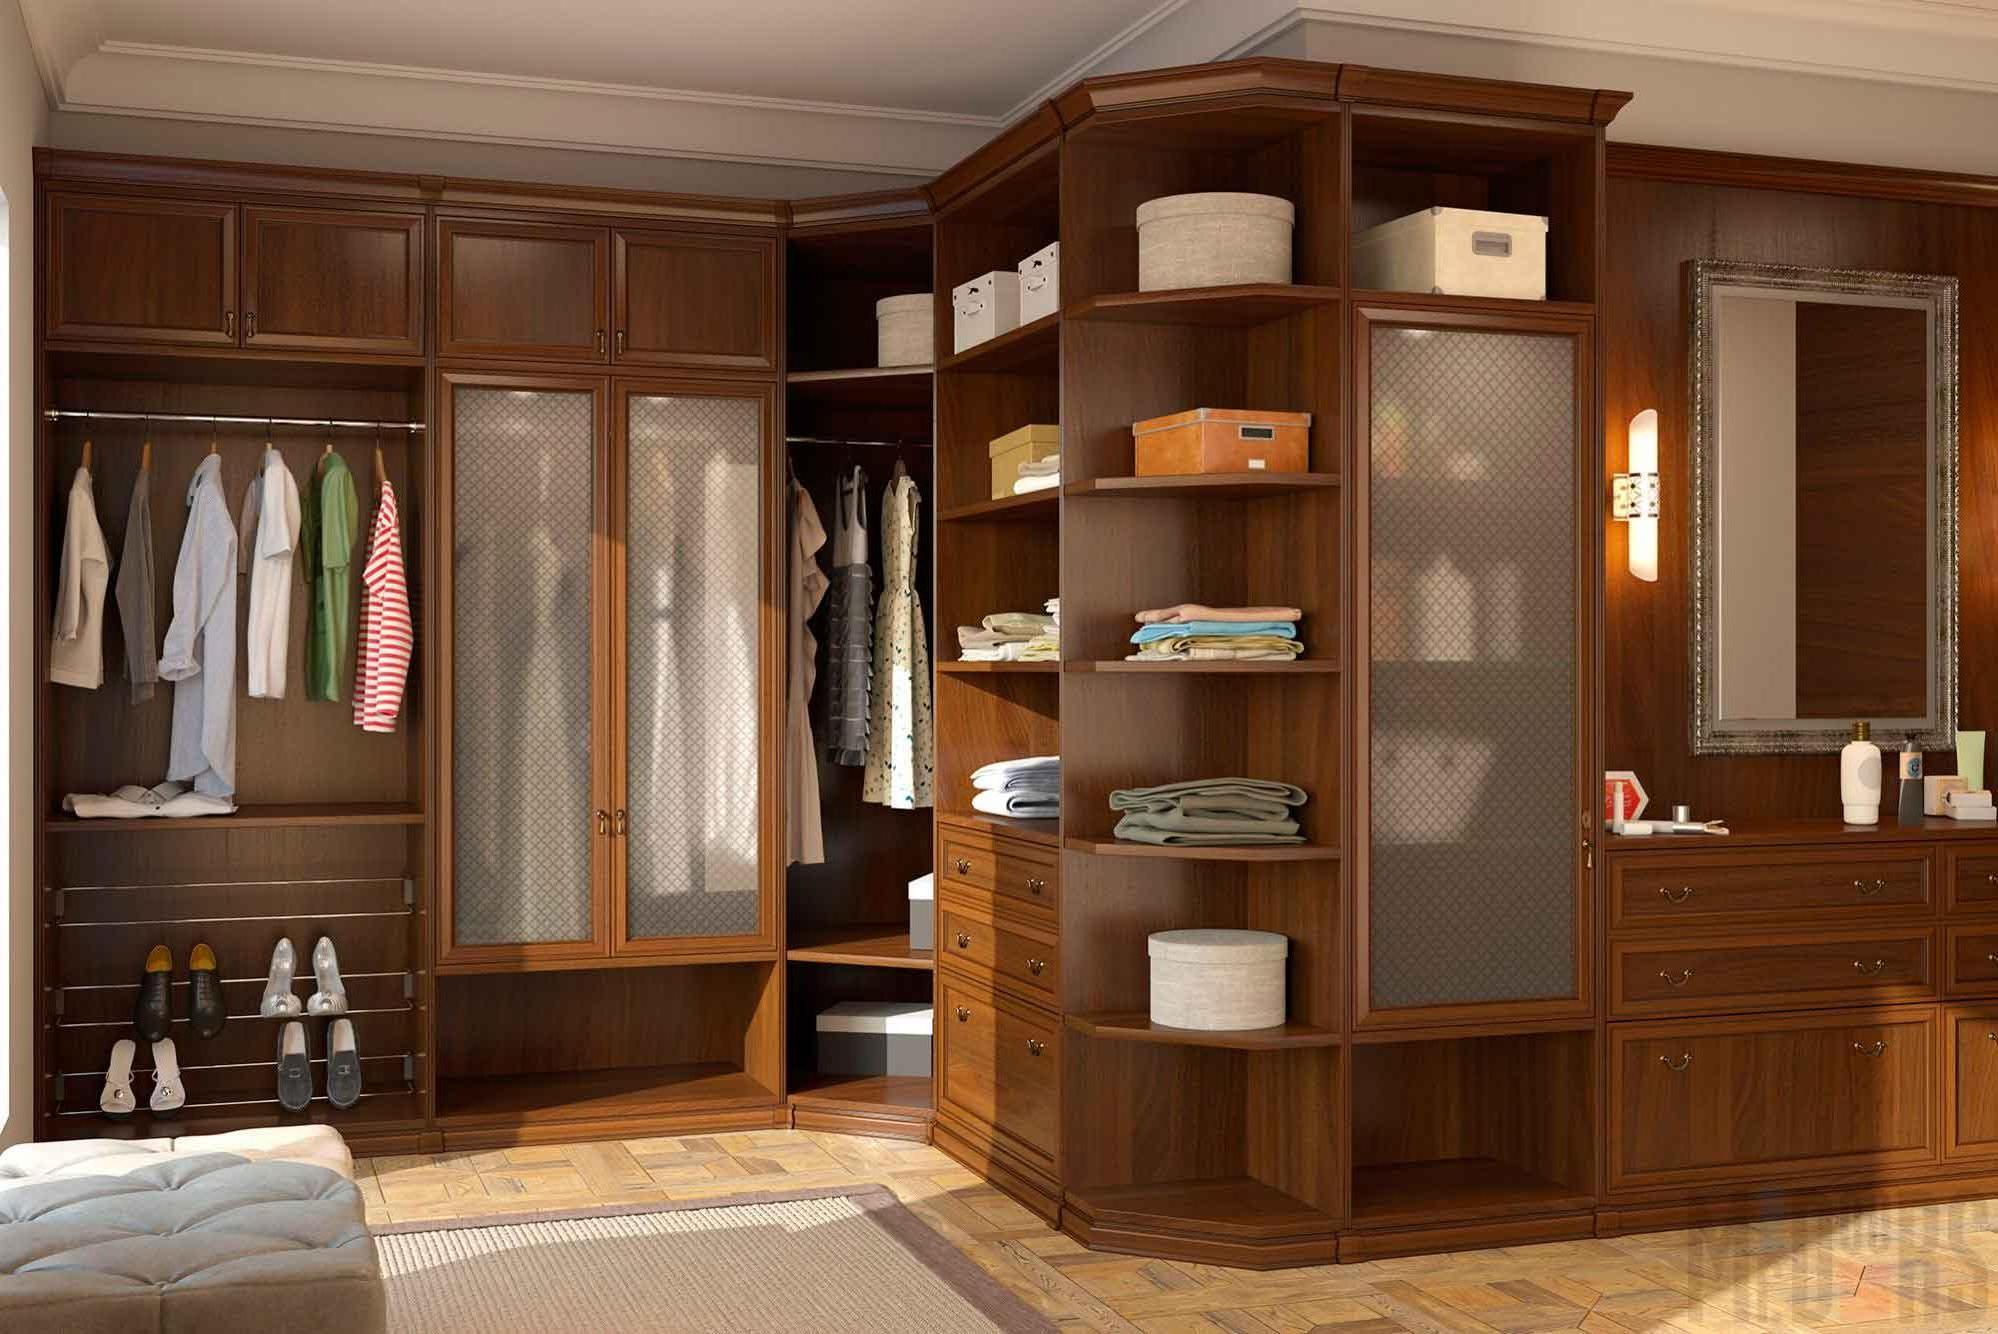 Interior design classic dressing room